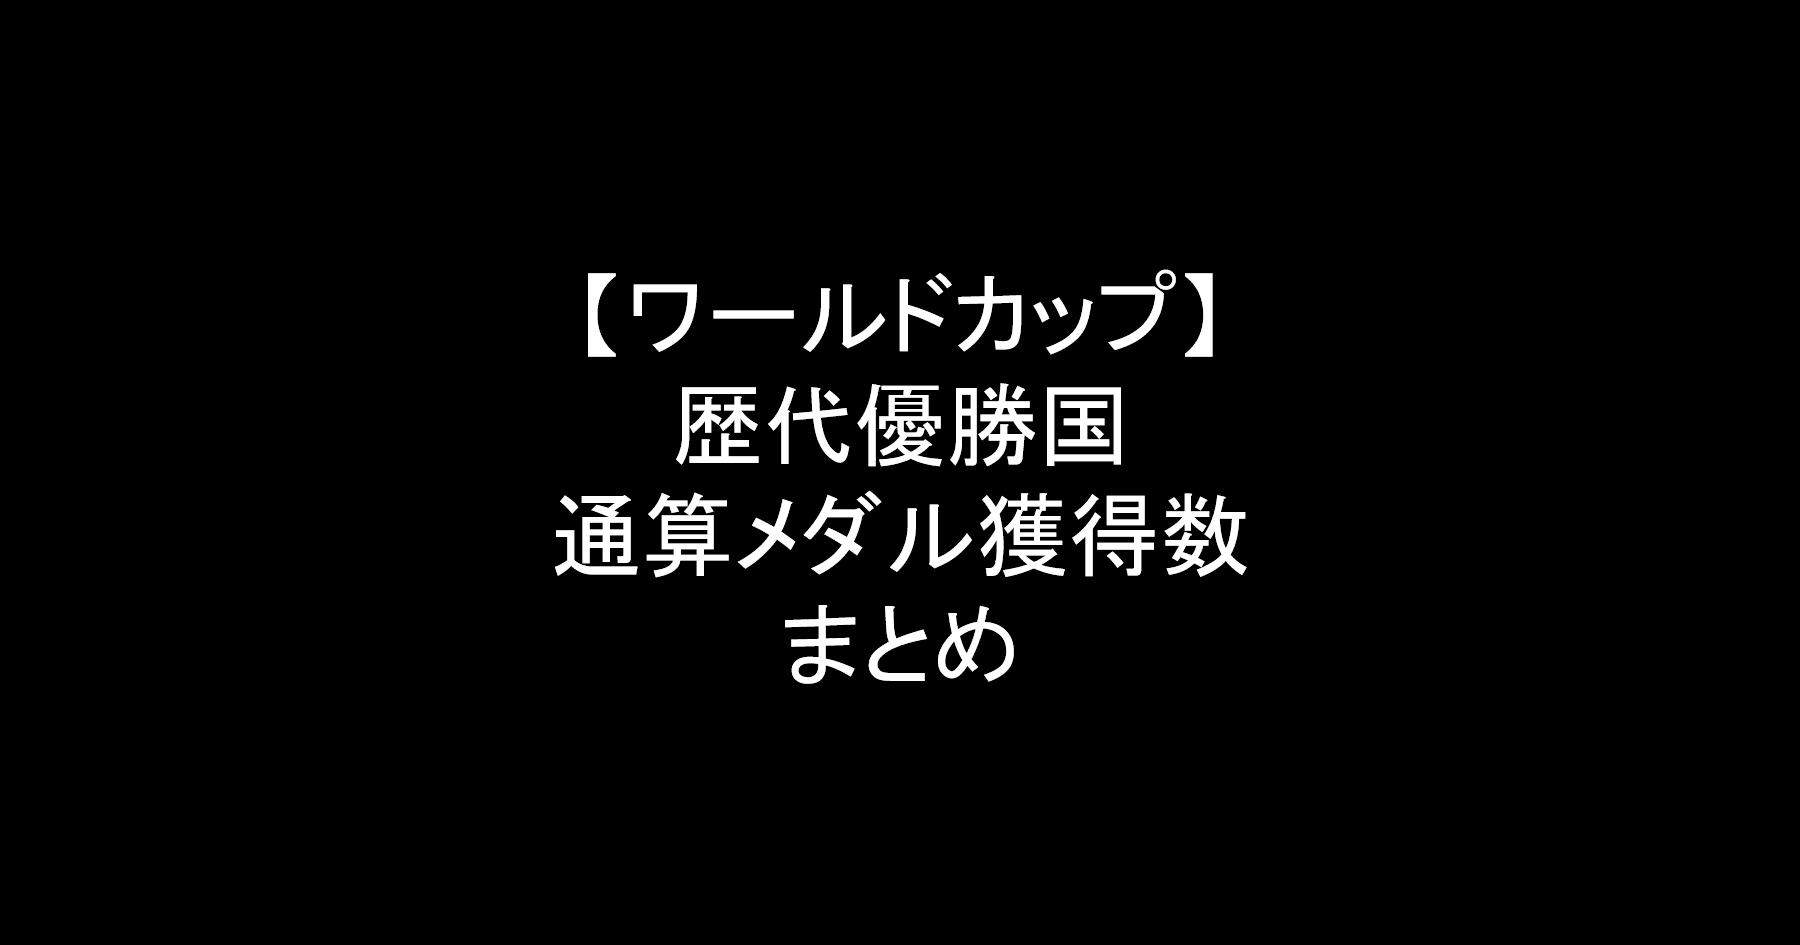 【ワールドカップ】 バレーボール歴代優勝国と通算入賞チームまとめ